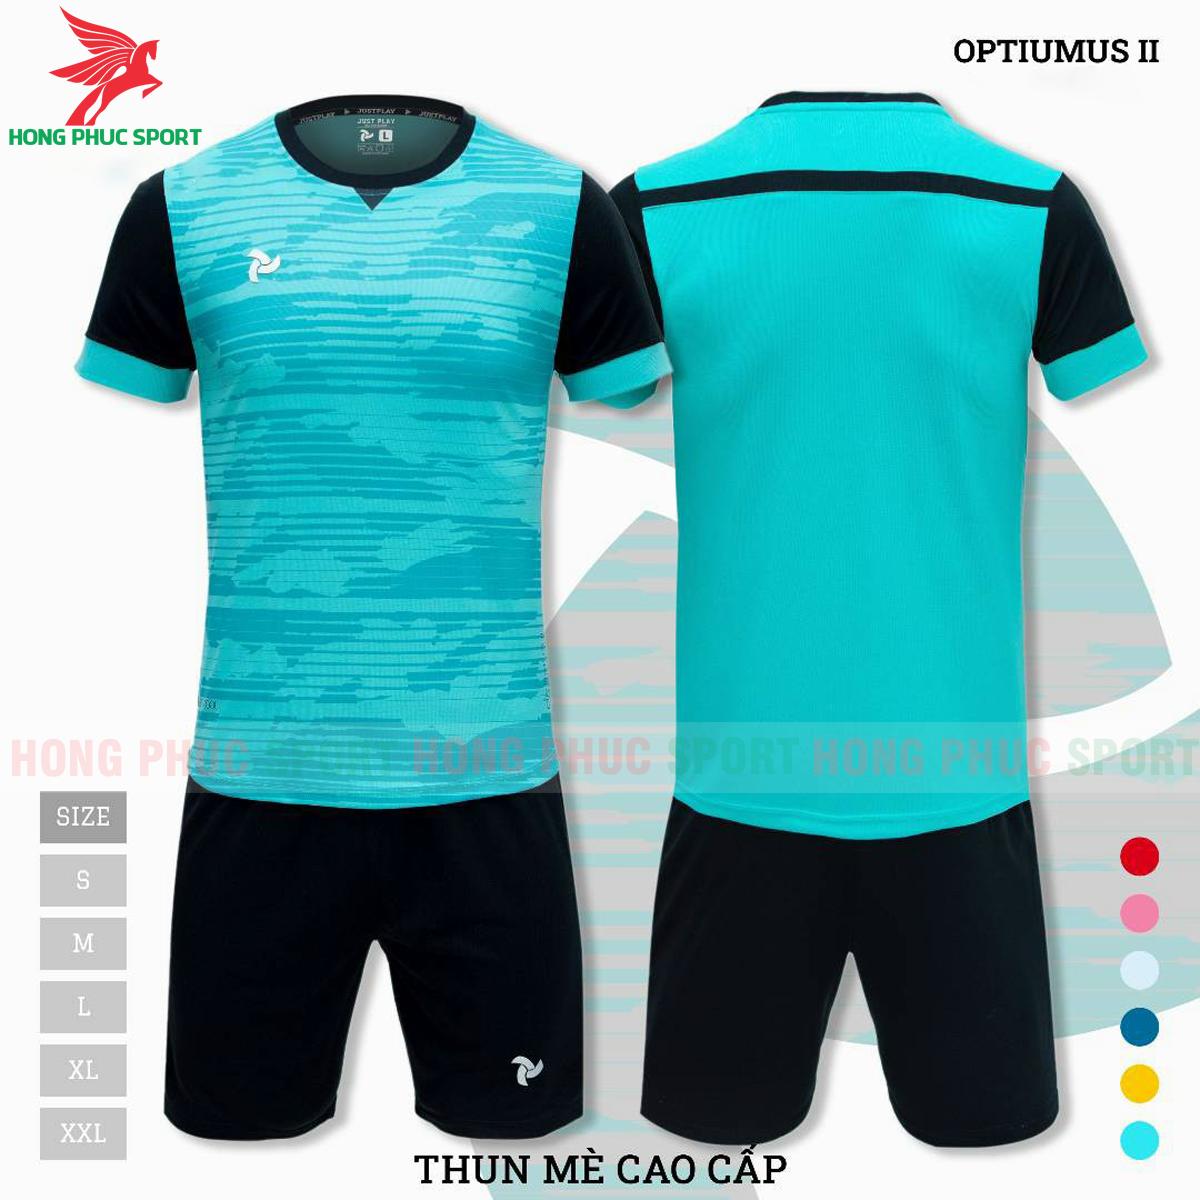 Áo đấu không logo Justplay Optiumus II 2021 màu xanh ngọc